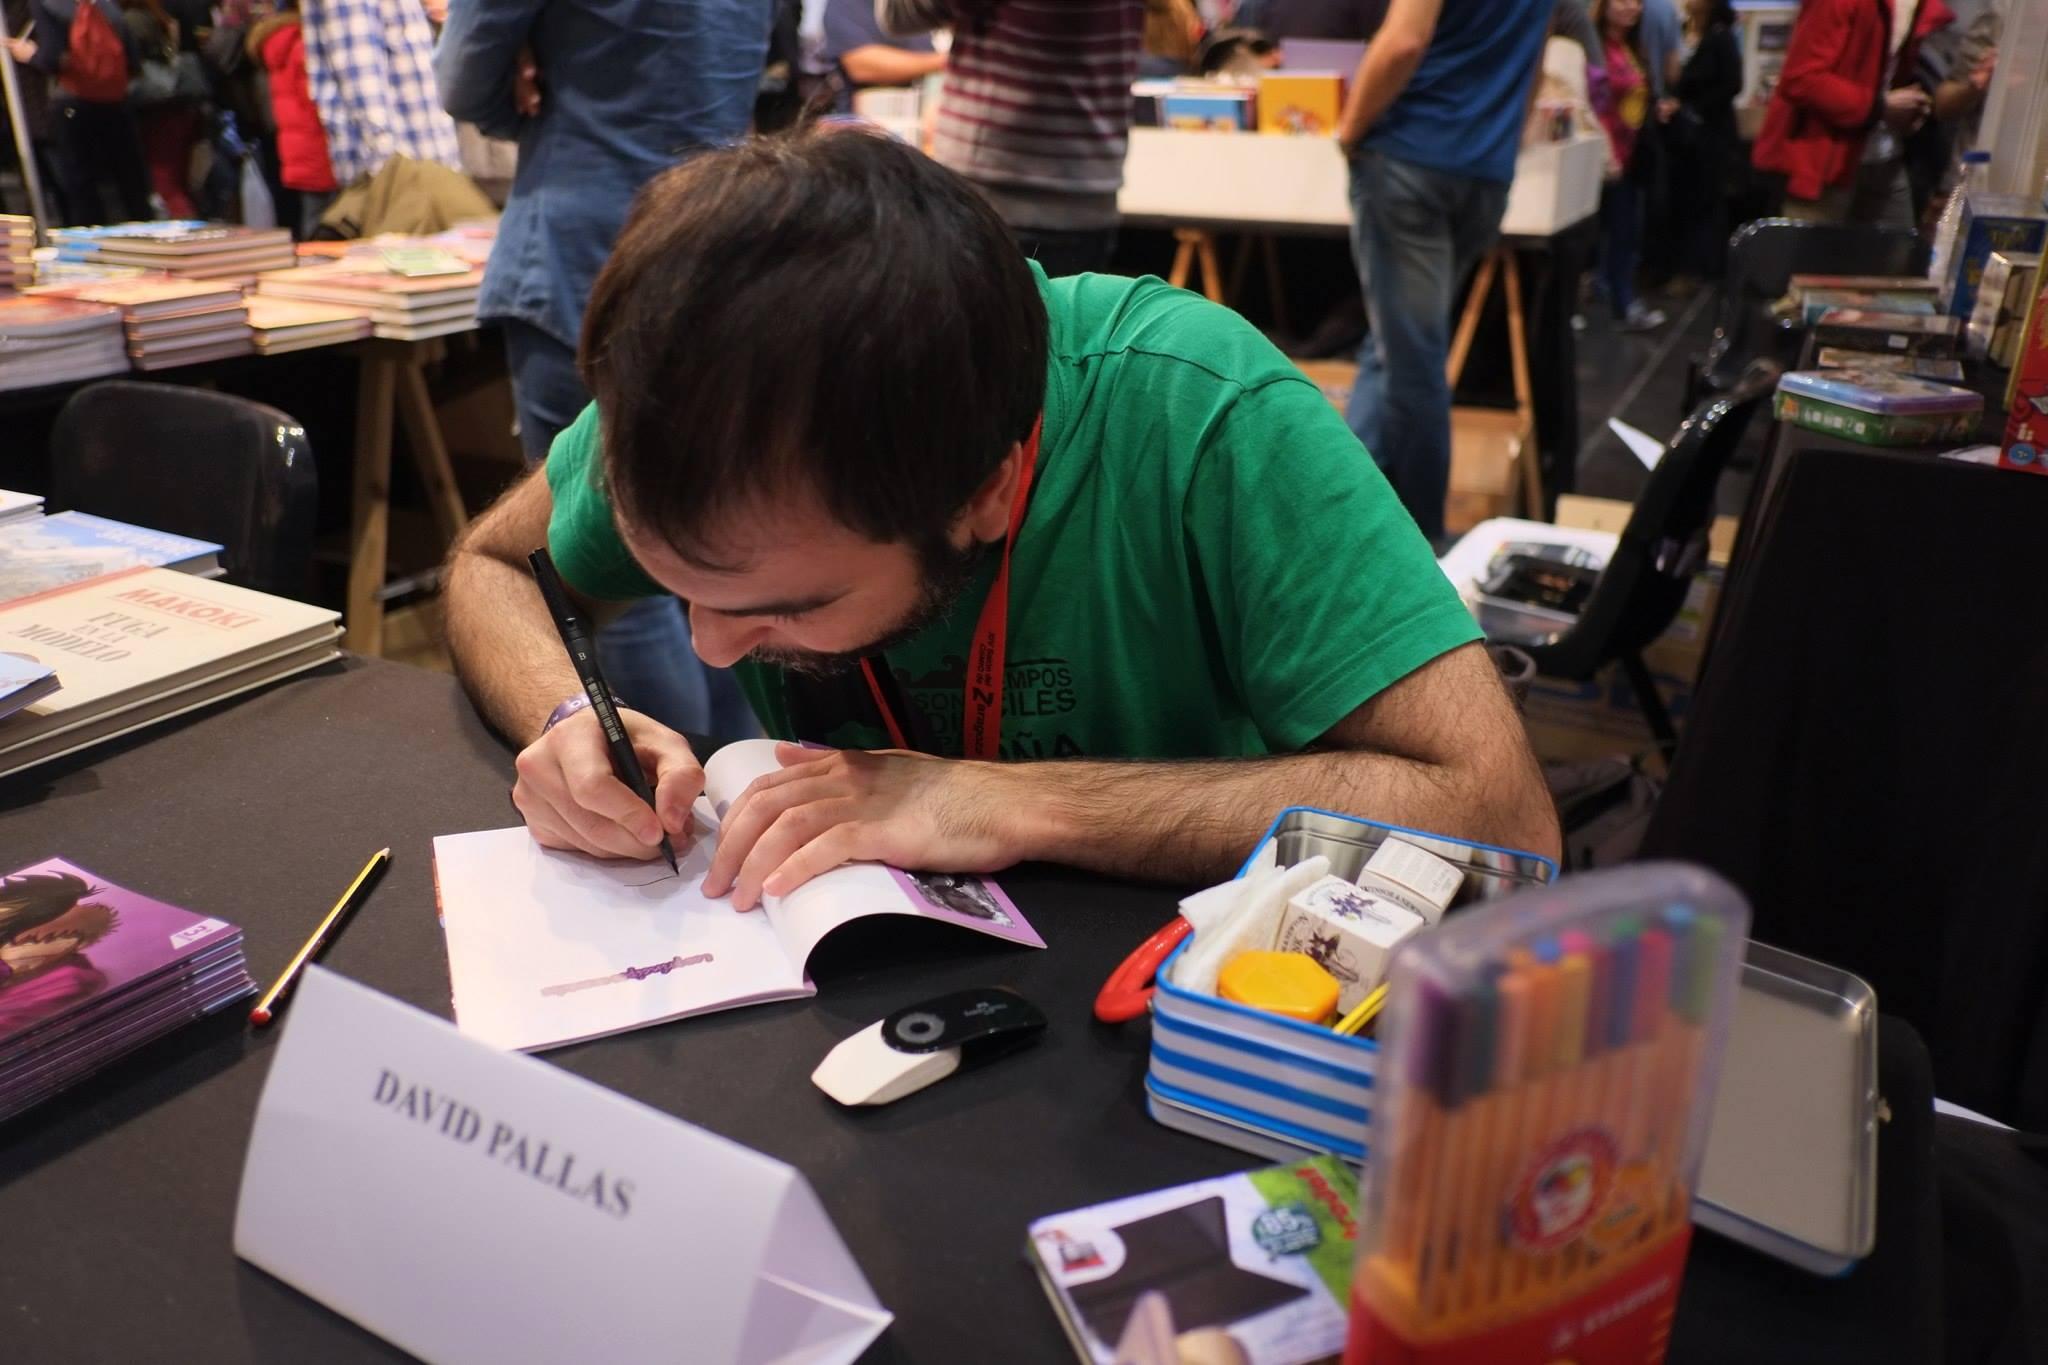 Salón_del_Comic_2015_David_Pallás_Gozalo__Firma_Los_Príncipes_Morados_10